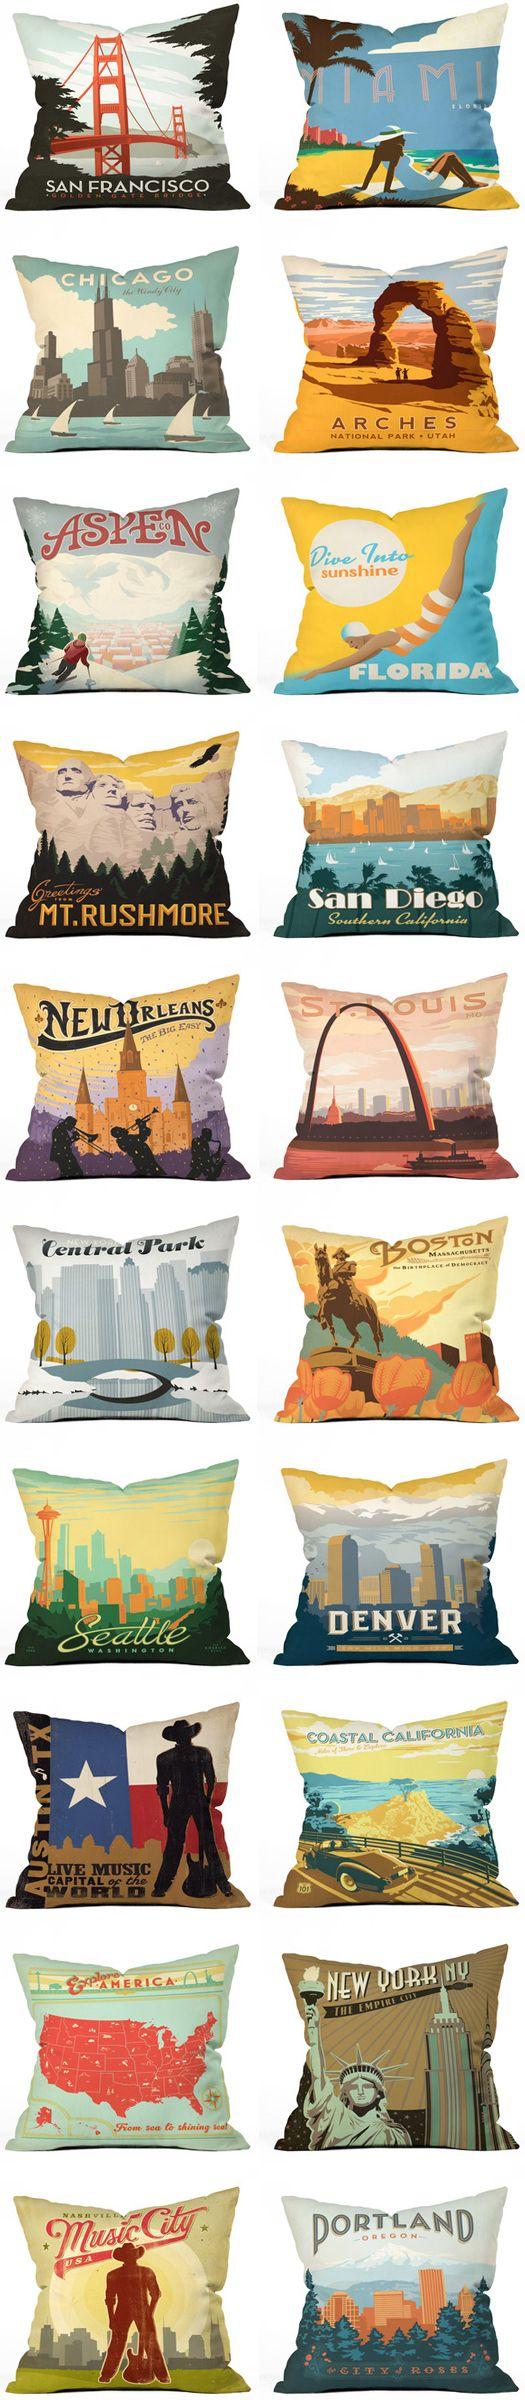 Travel / Destination Pillows!